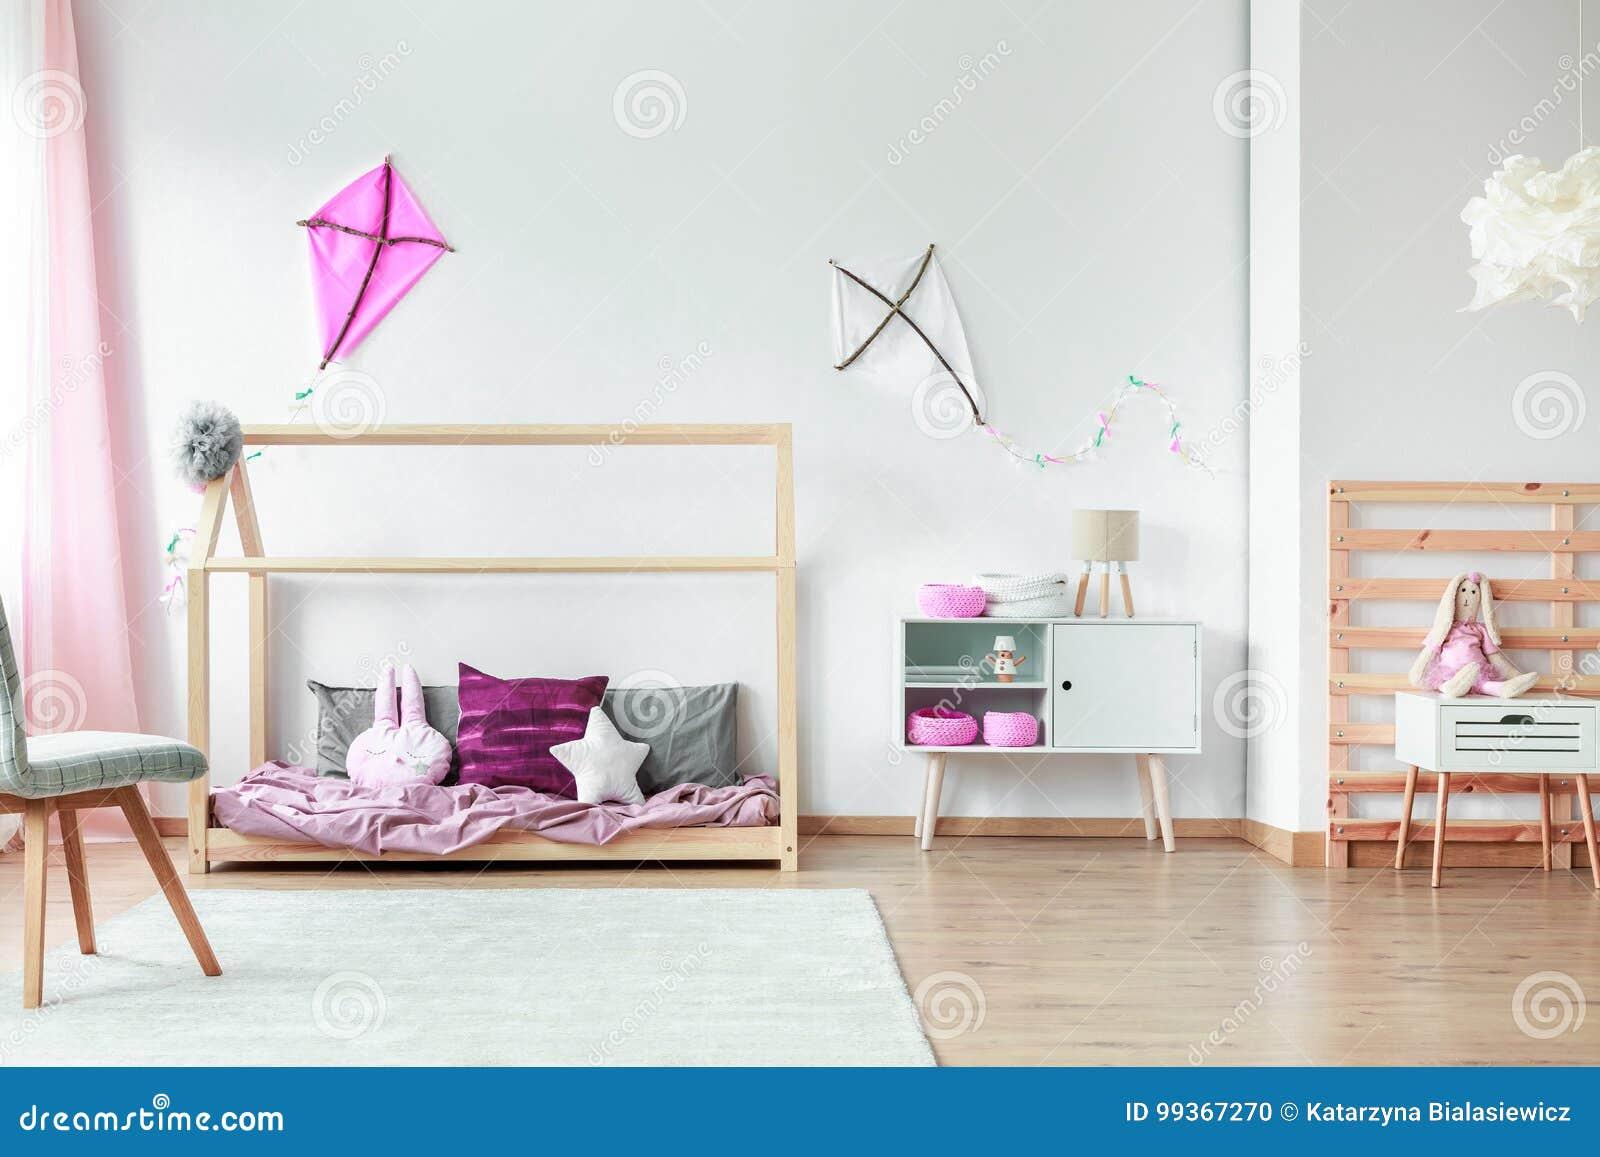 Decorazioni Rosa Nella Camera Da Letto Dei Bambini Fotografia Stock ...